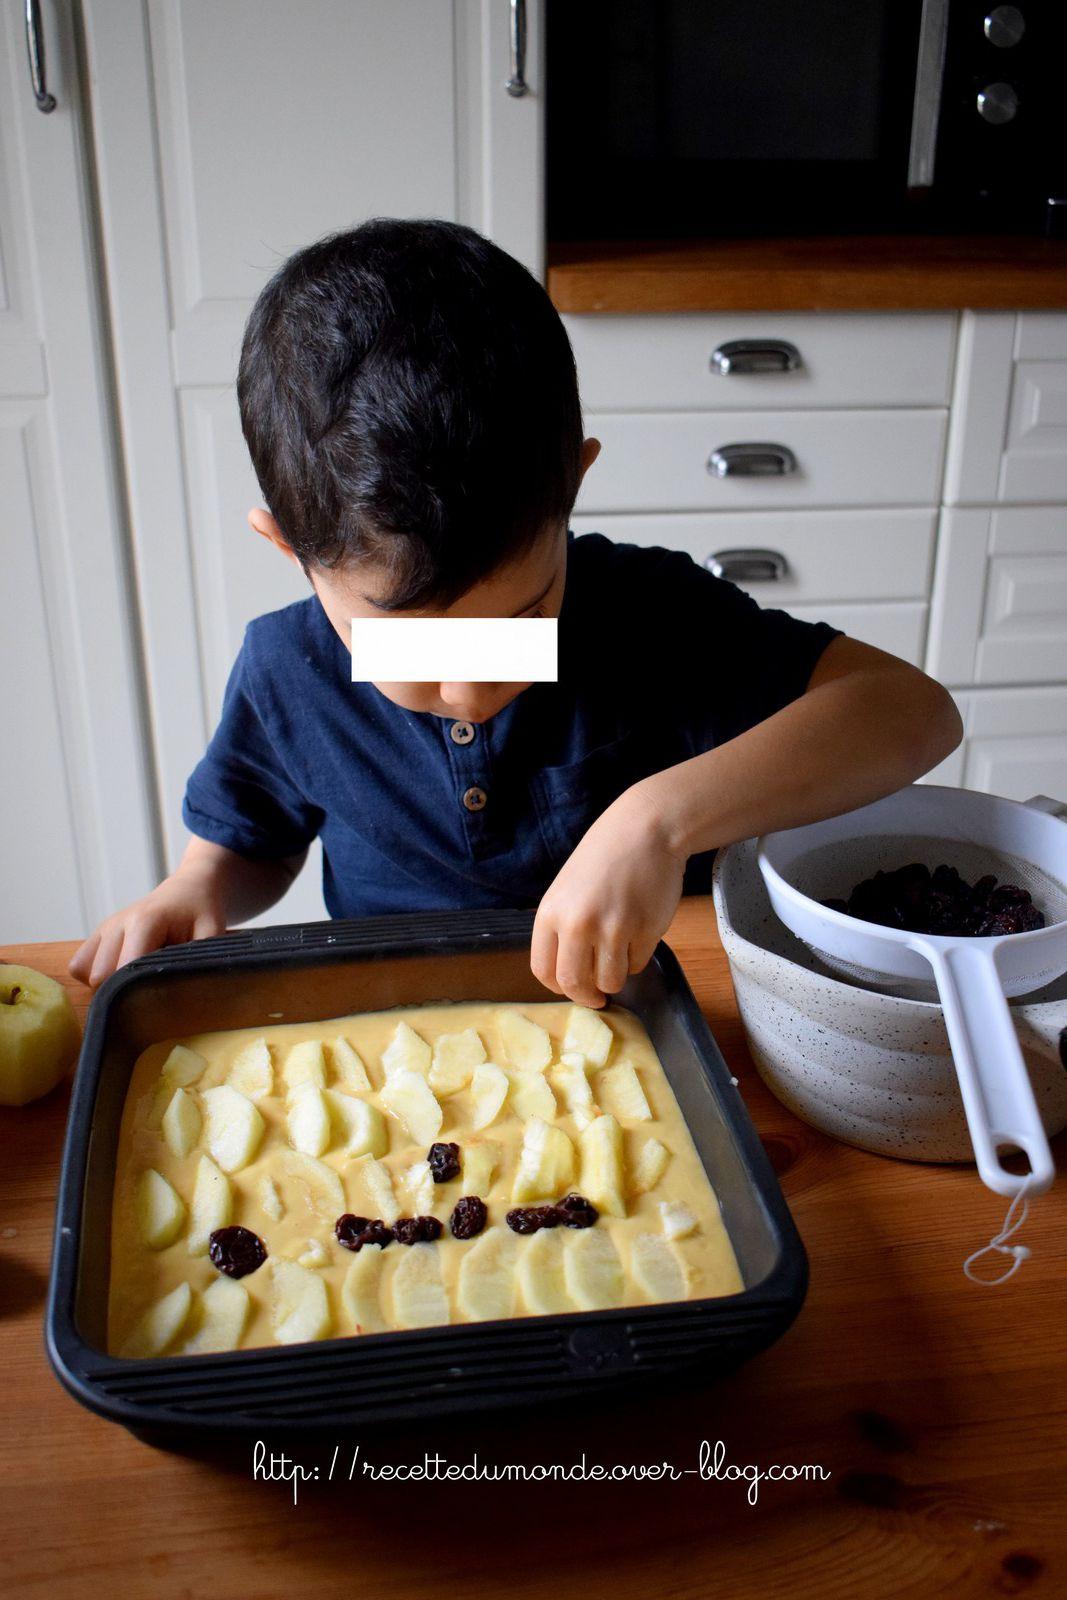 Solsu Elmalı üzümlü Kek - Gâteaux pommes raisins glacé